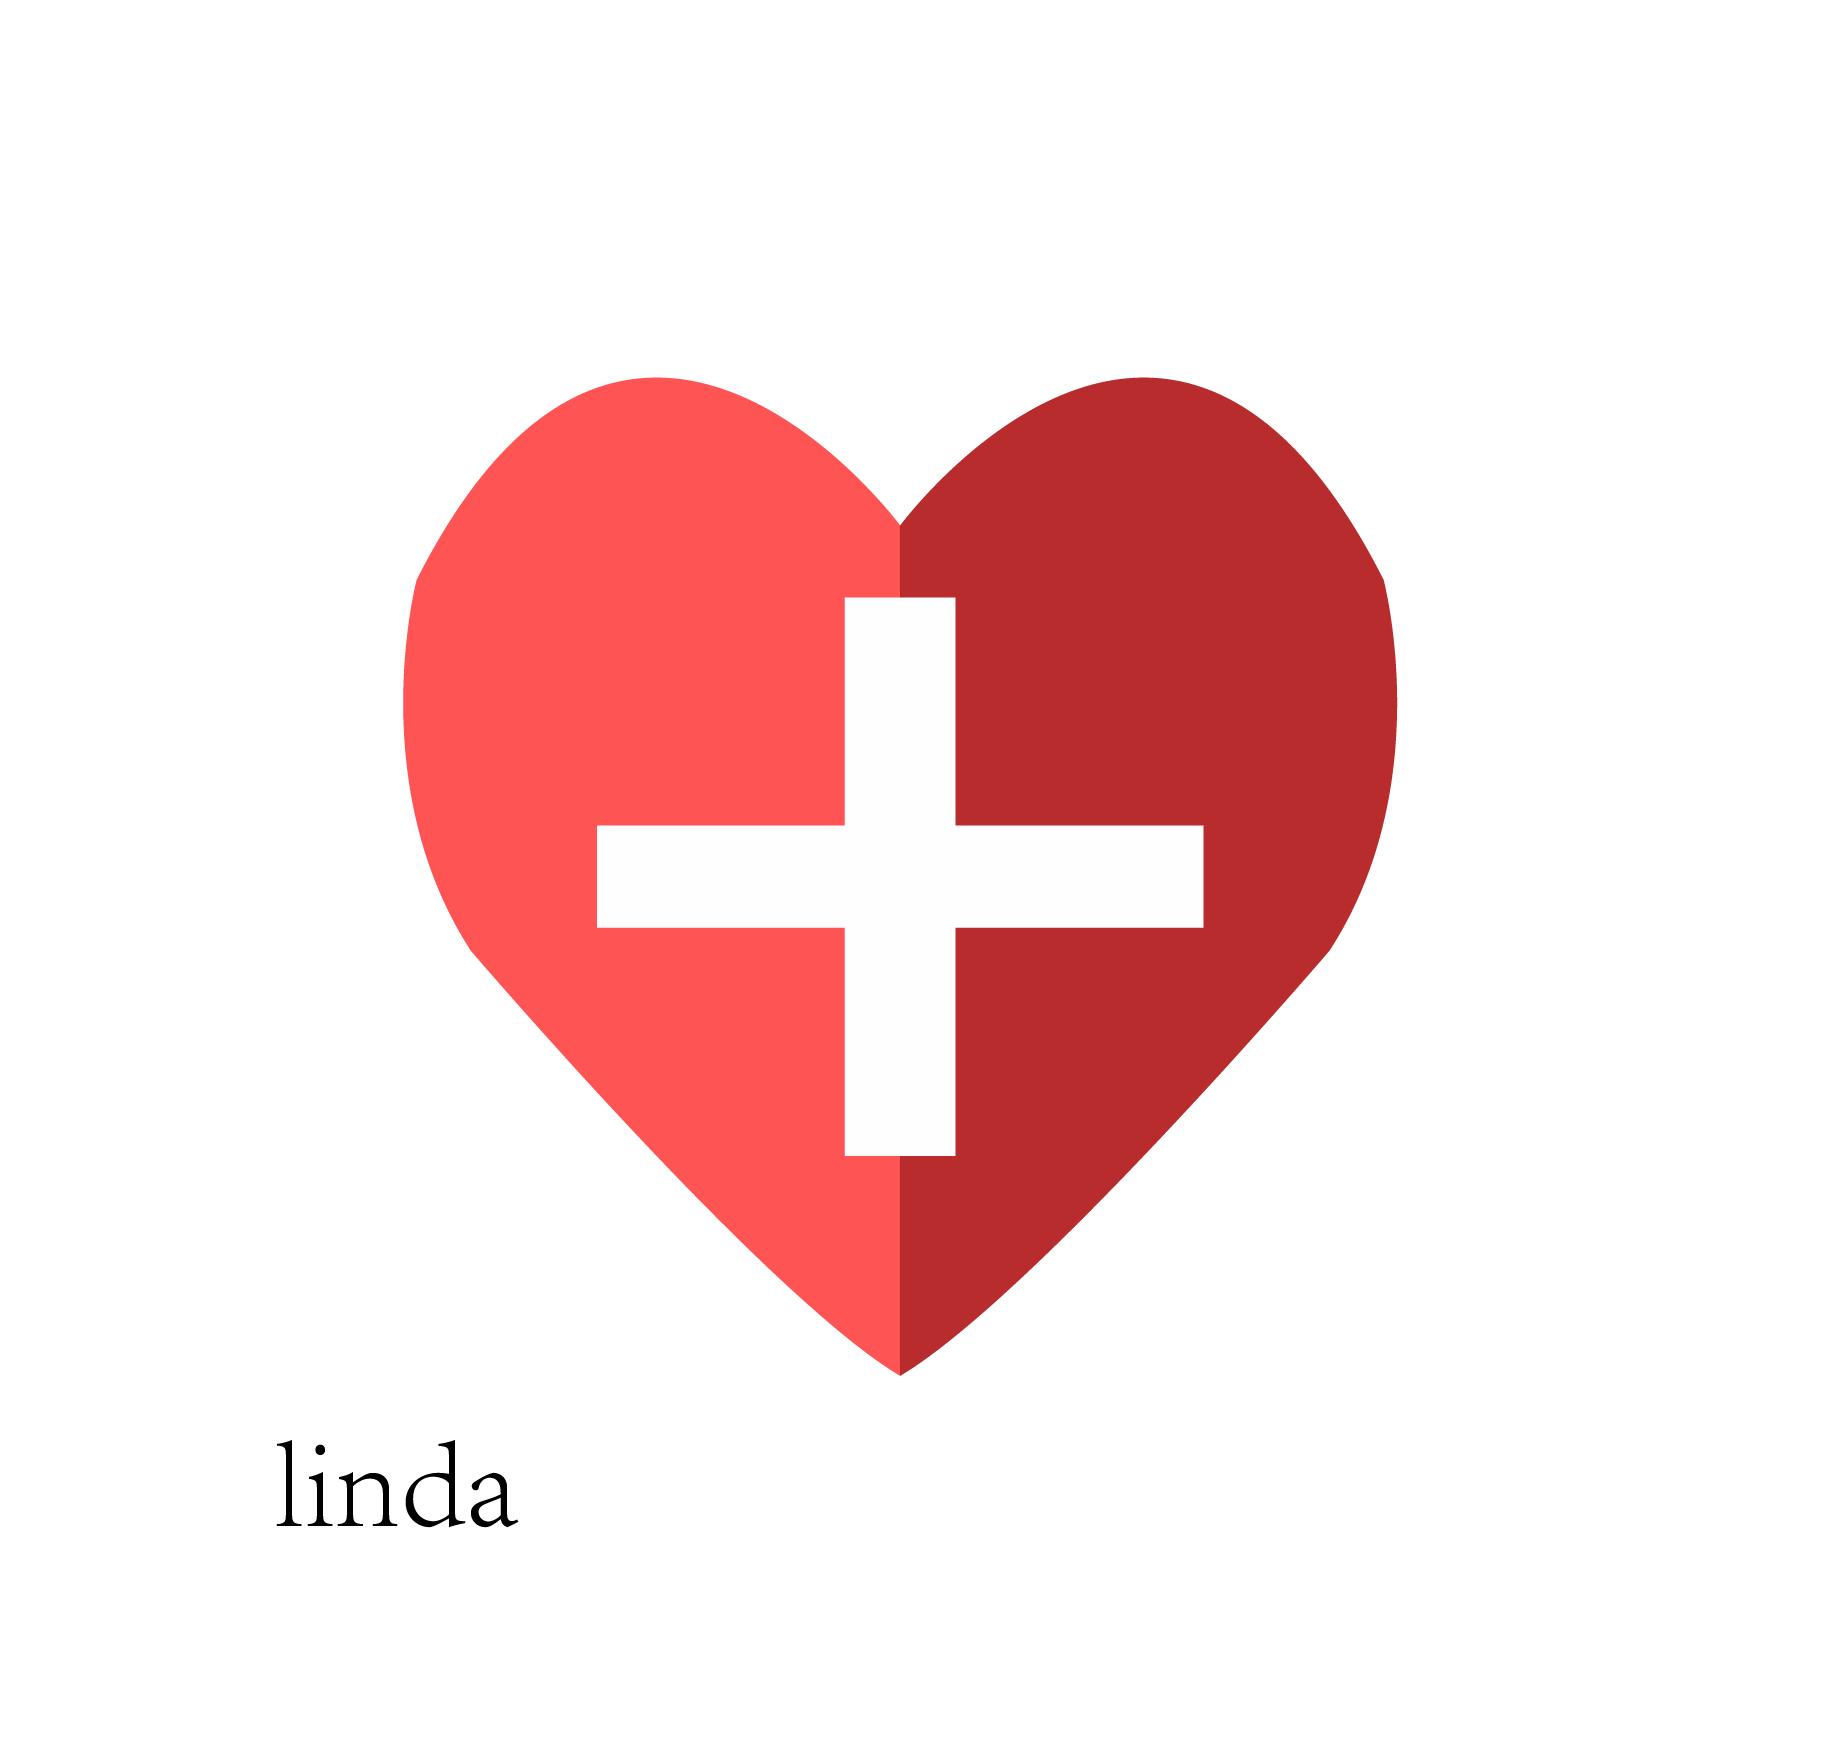 红色扁平化logo素材